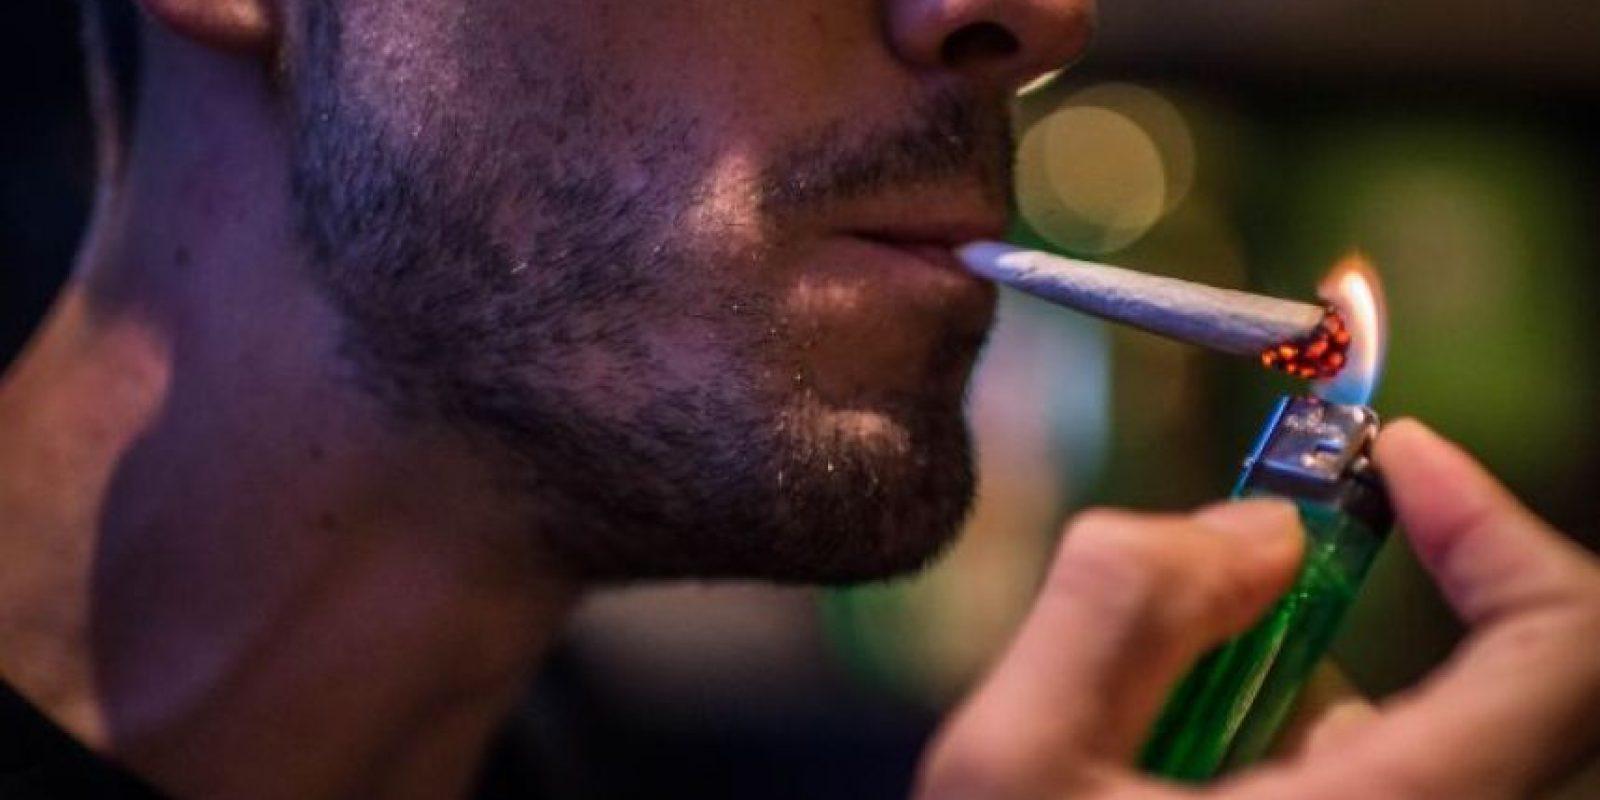 2. El cannabis duplica el riesgo de desarrollar trastornos psicóticos de desarrollo como la esquizofrenia en adolescentes. Foto:vía Getty Images